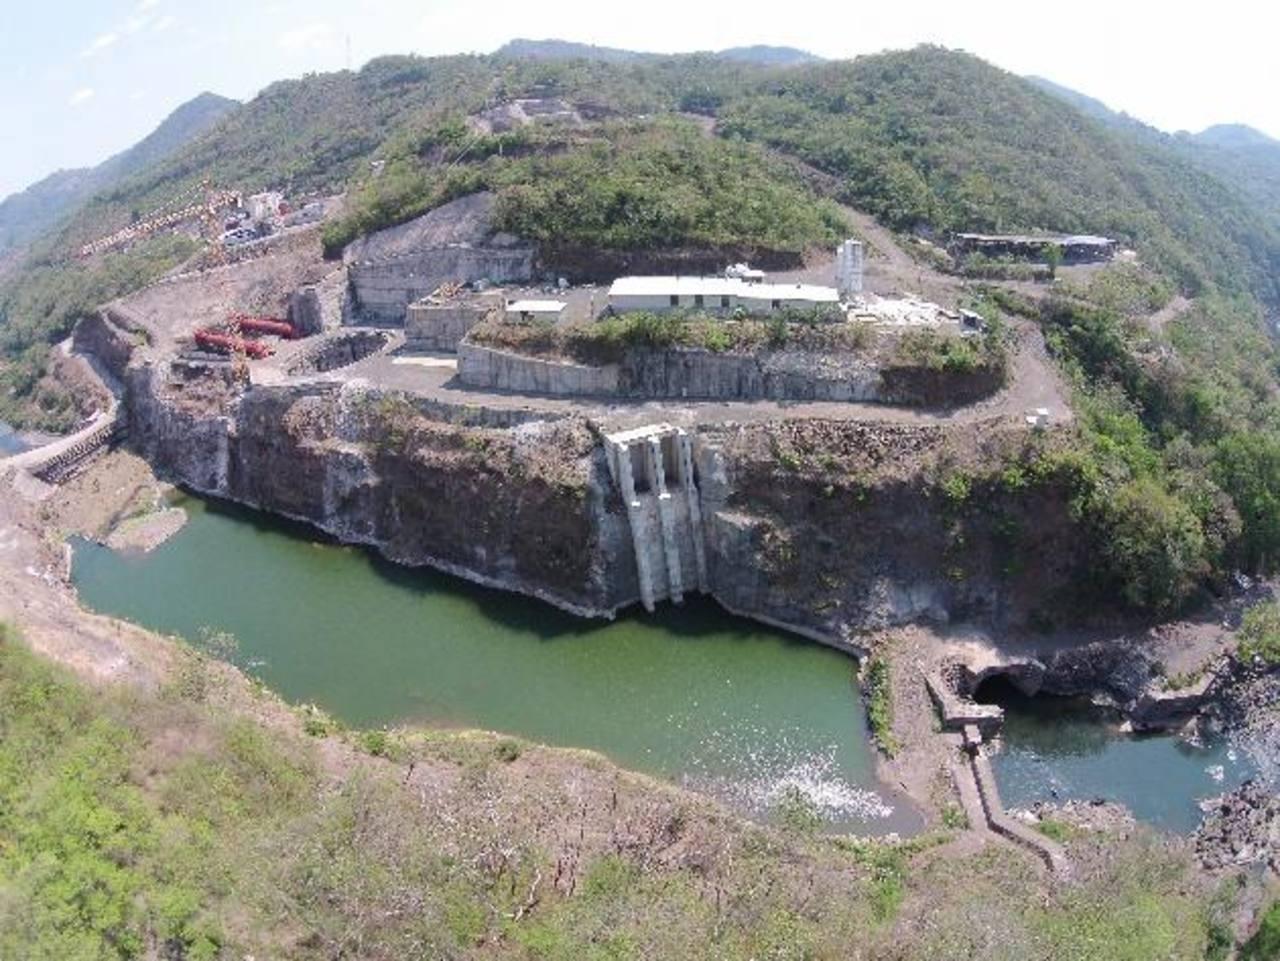 Vista general de la construcción abandonada de la presa El Chaparral, que tendría que estar generando 67 MW de energía.